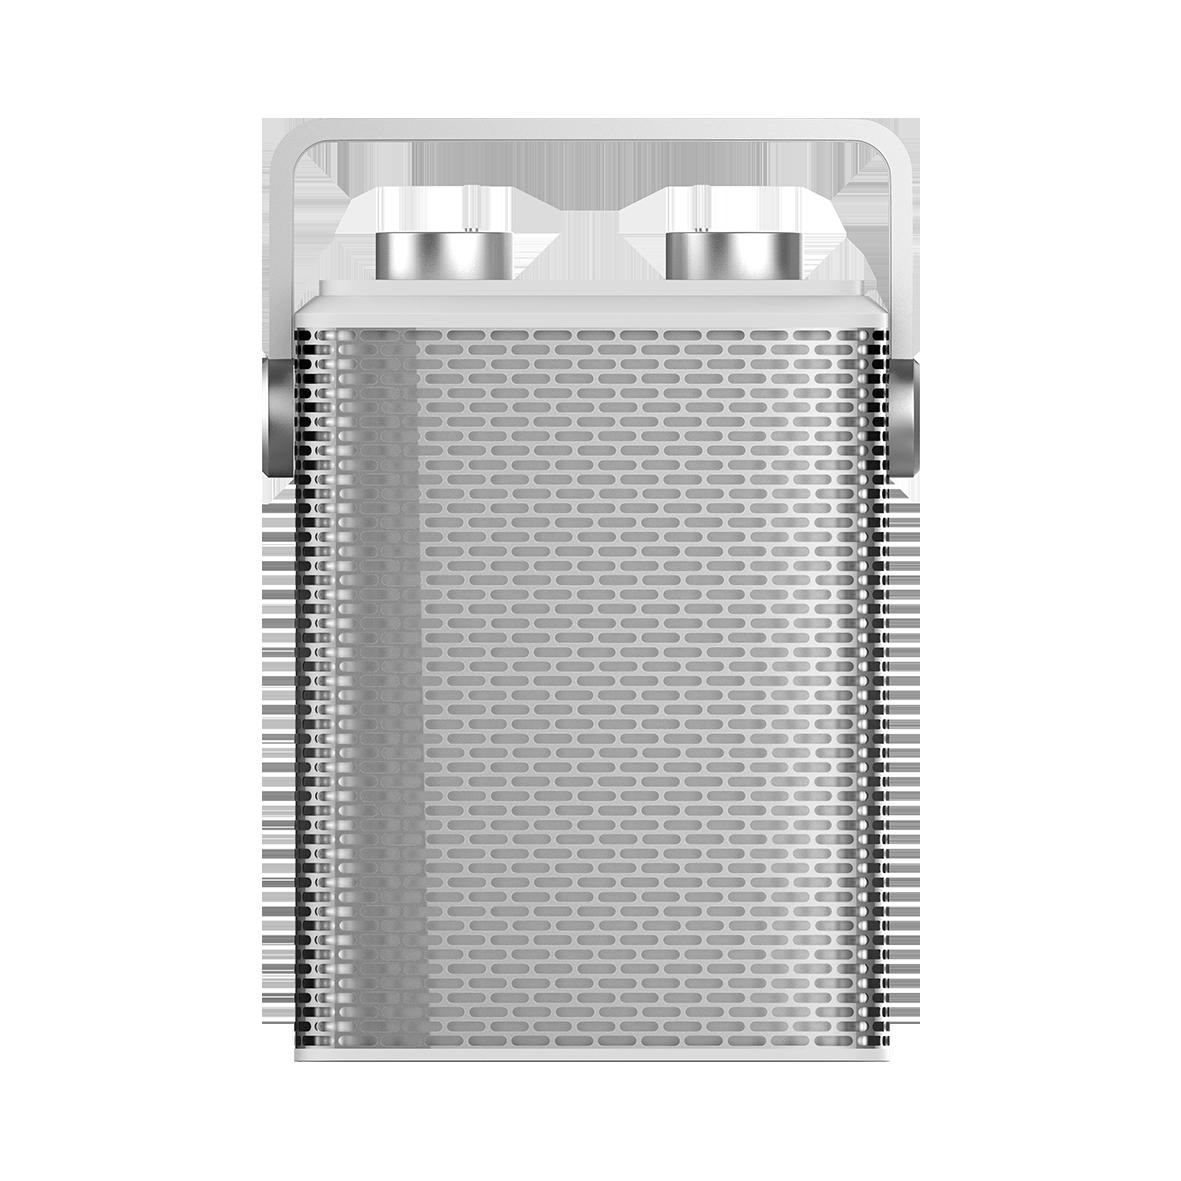 Тепловентилятор Timberk TFH T15PDSОбогреватели<br><br><br>Тип: термовентилятор<br>Тип нагревательного элемента: керамический нагреватель<br>Площадь обогрева, кв.м: 15<br>Вентиляция без нагрева: есть<br>Отключение при перегреве: есть<br>Вентилятор : есть<br>Управление: механическое<br>Напольная установка: есть<br>Ручка для перемещения: есть<br>Напряжение: 220/230 В